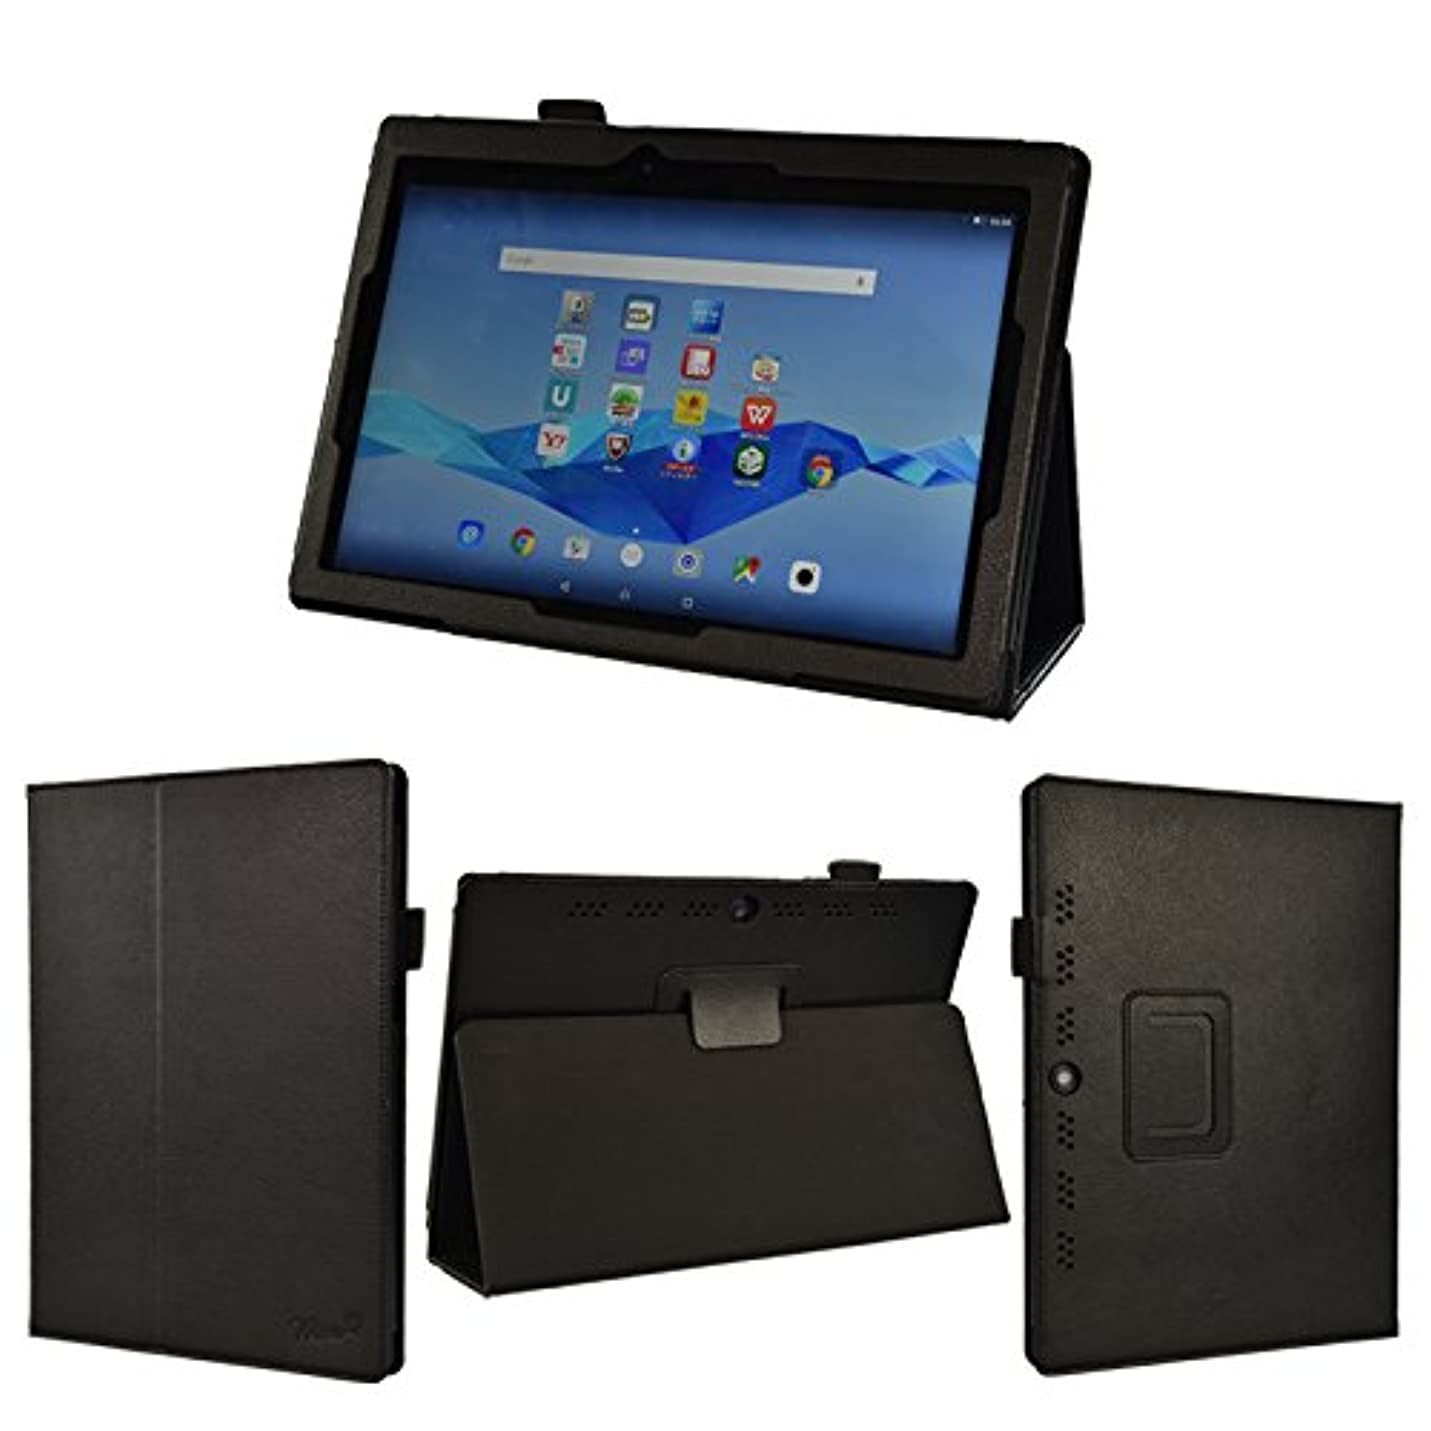 格差コーラス日の出wisers NEC LAVIE Tab E TE510/BAL (PC-TE510BAL) ビジネス向けモデル THY-A0SD17029 (K-OPT仕様) THY-BOSD17027 10.1インチ タブレット 専用 ケース カバー [2015 年 新型] ブラック